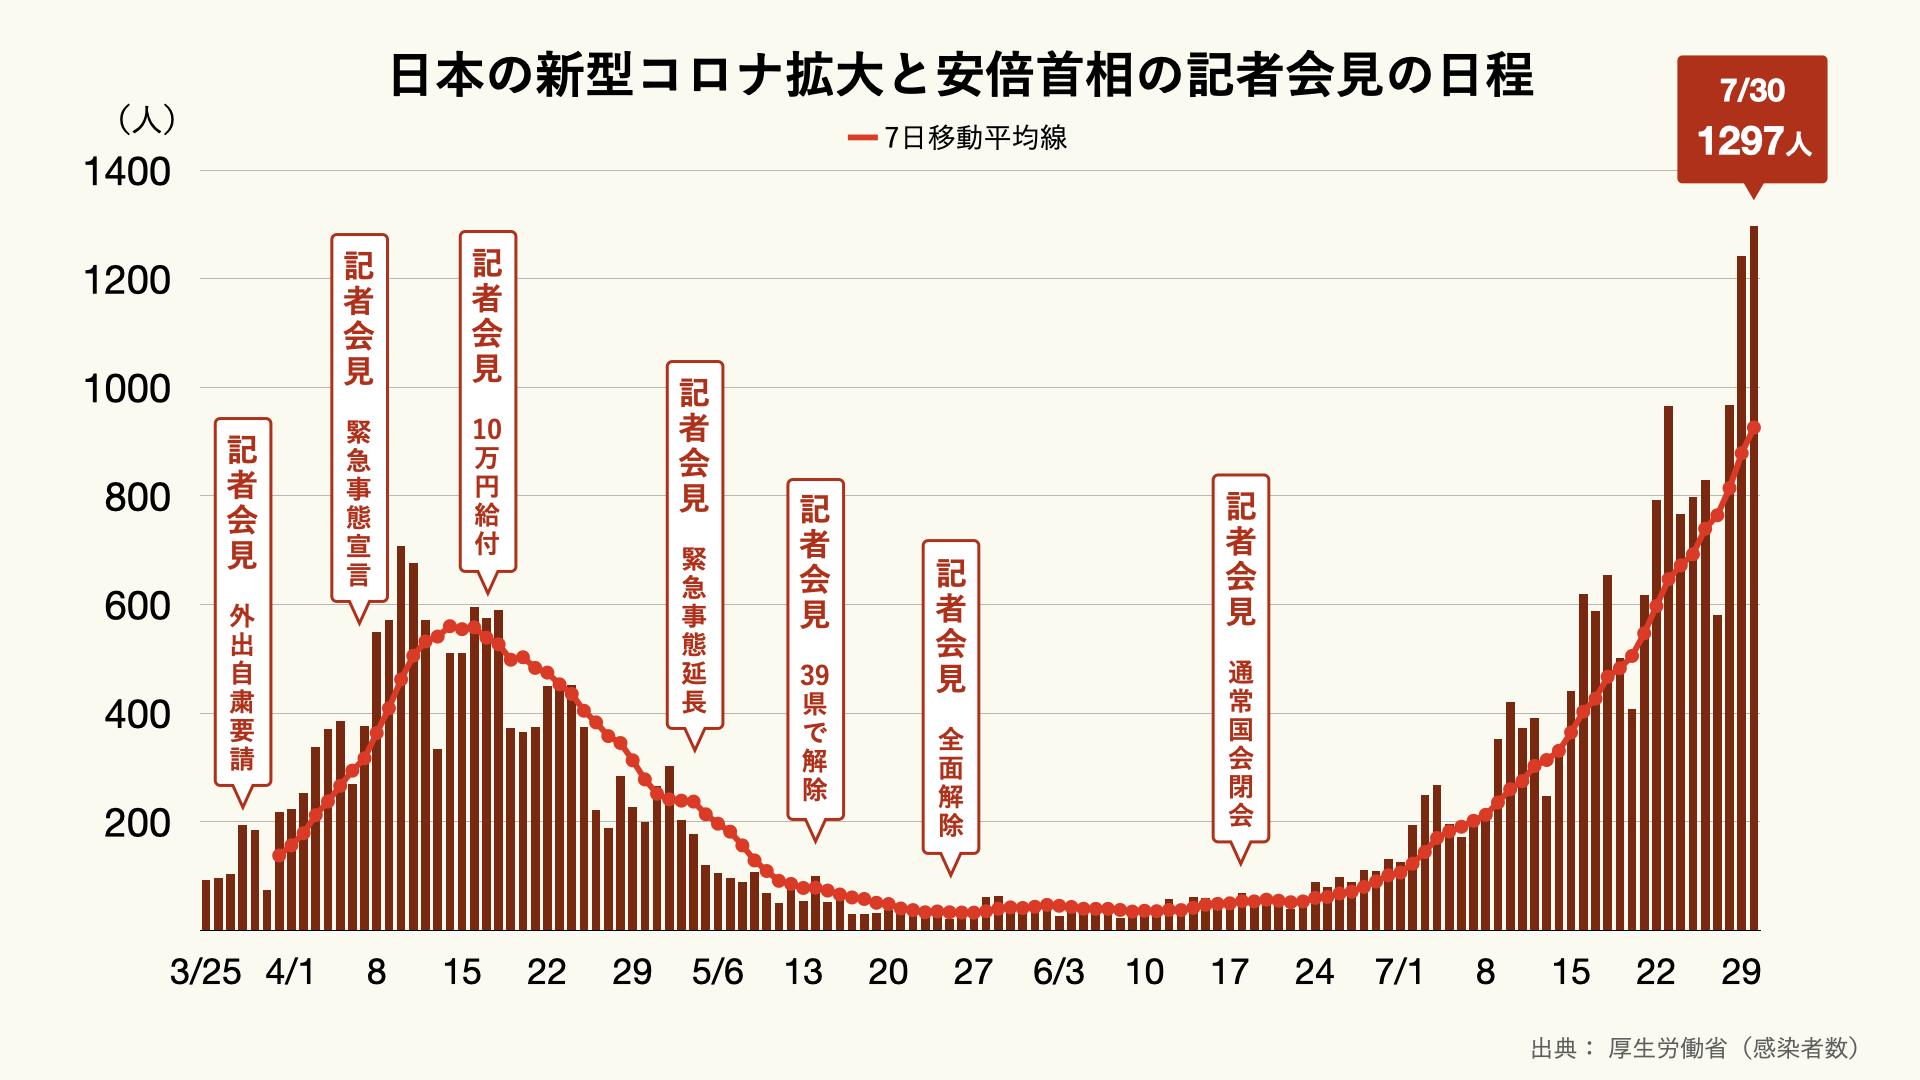 日本の新型コロナウイルス感染者の推移と安倍首相の記者会見の頻度のグラフ